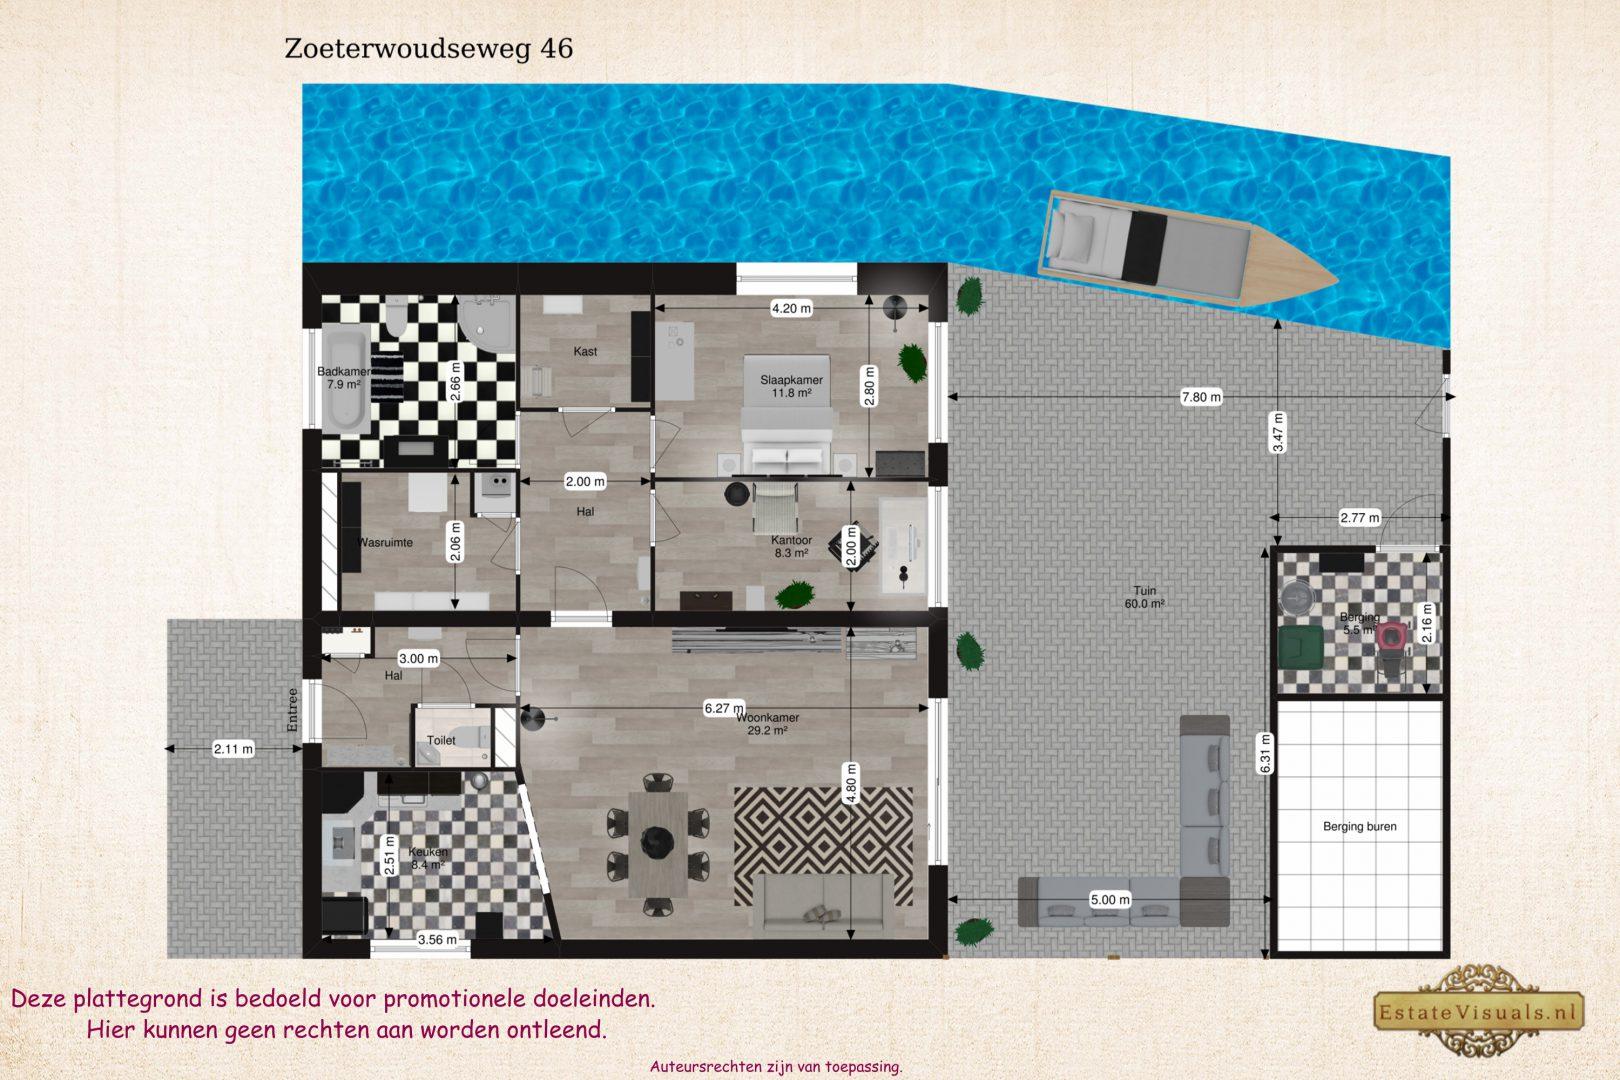 Floorplan 2D Zoeterwoudseweg 46, Leiden.